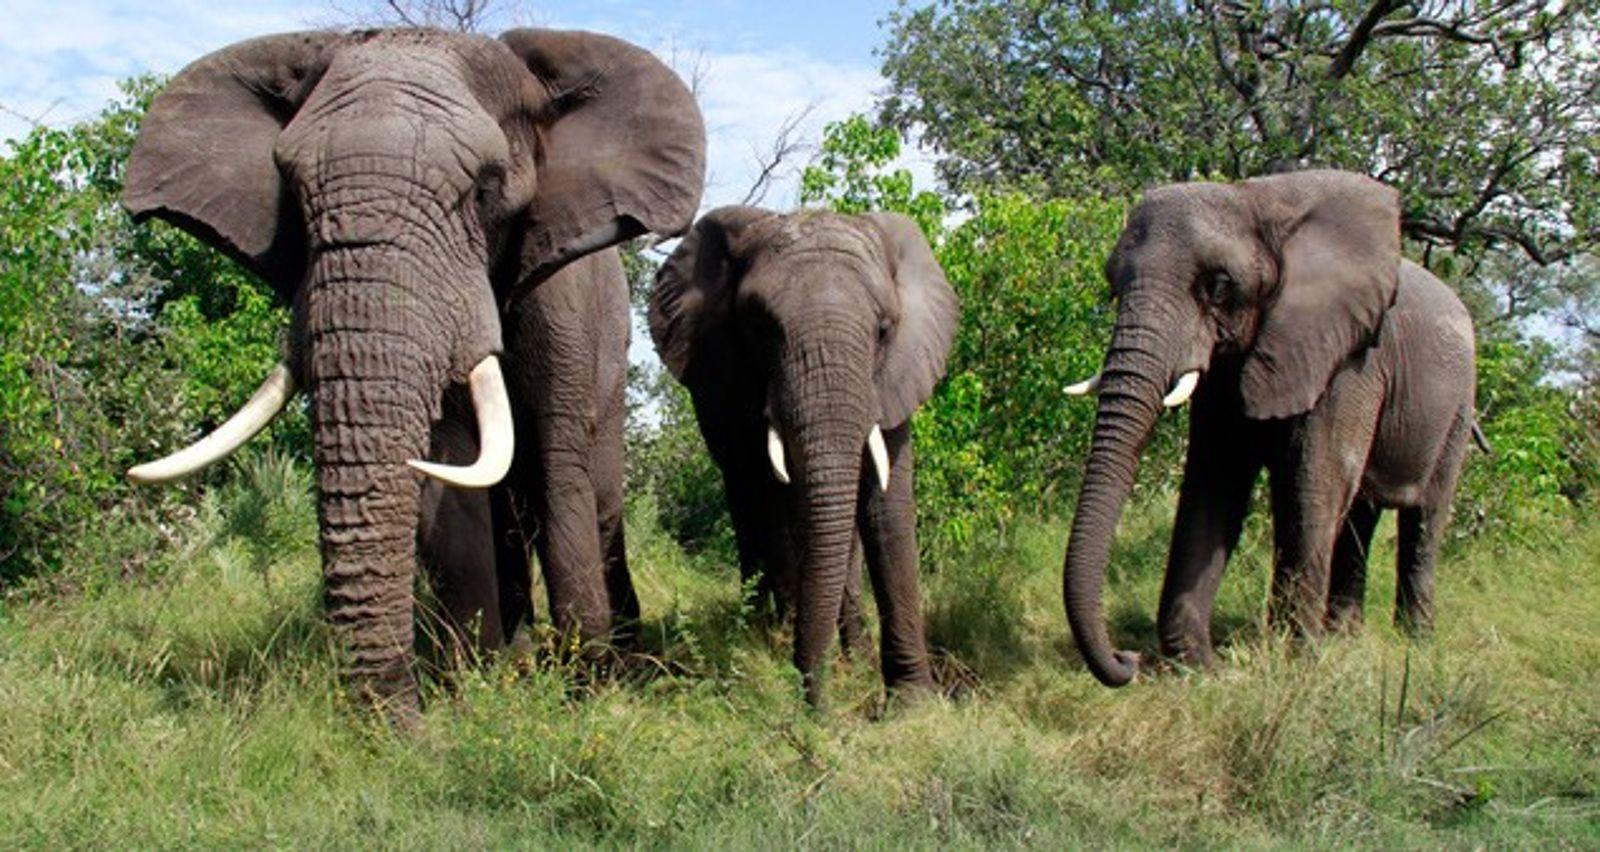 Botswana: Walking with elephants